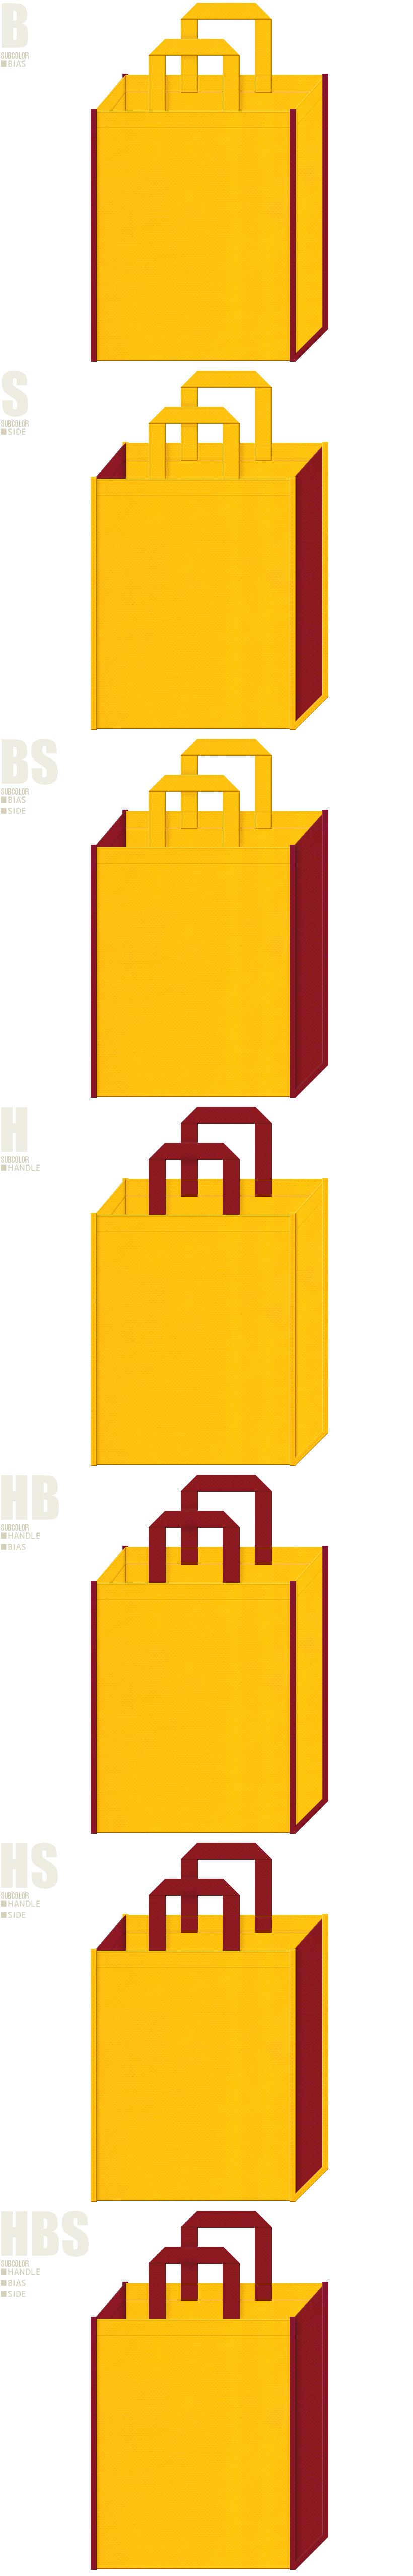 ランタン・アウトドア・登山・キャンプ用品の展示会用バッグにお奨めの不織布バッグデザイン:黄色とエンジ色の配色7パターン